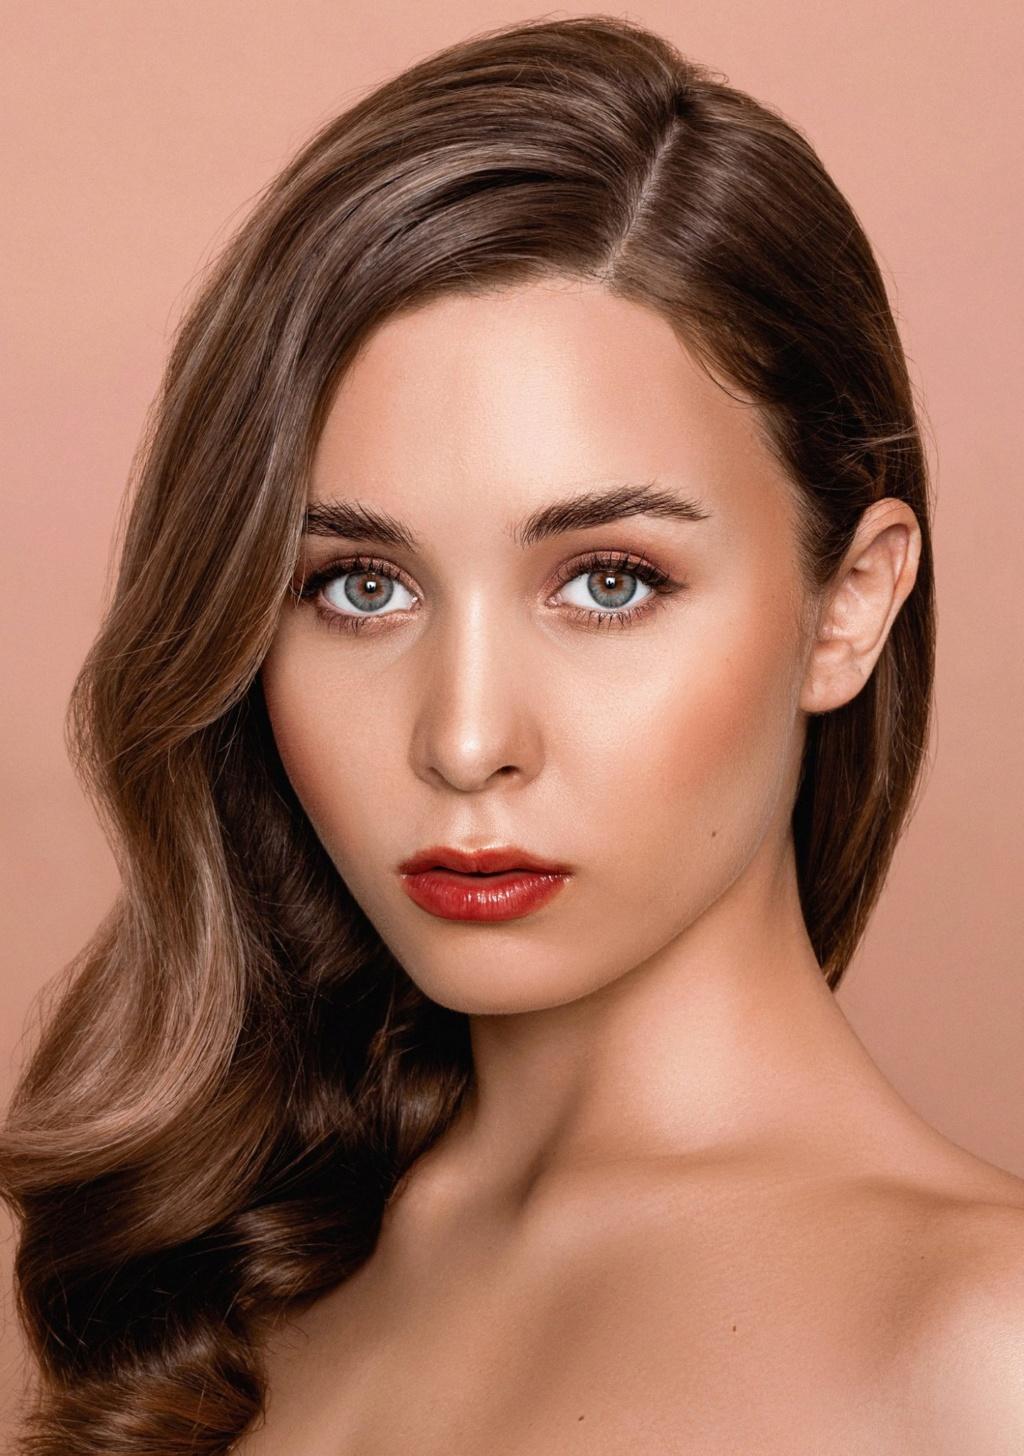 Miss Slovensko 2019 is Frederika Kurtulikova - Page 2 51440110